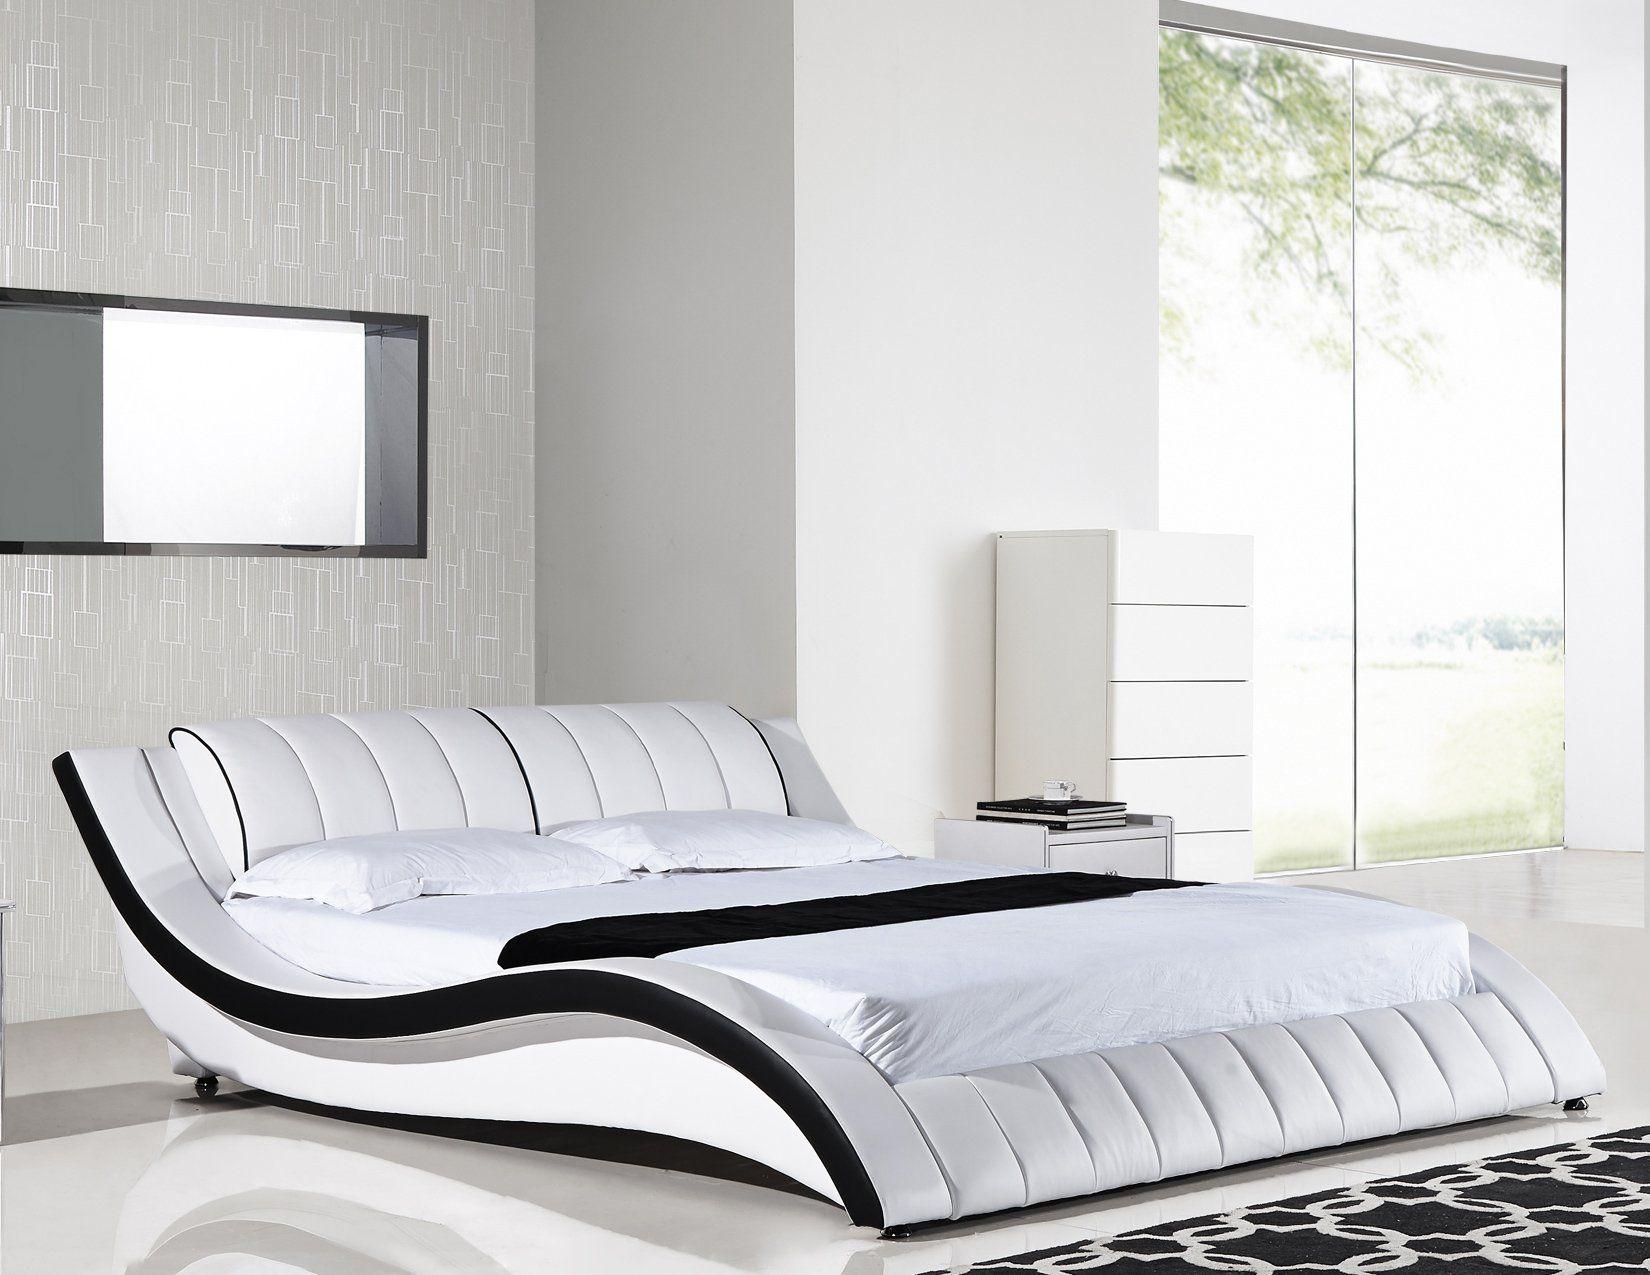 American eagle b d030 q modern white queen platform bed in - White queen platform bedroom set ...